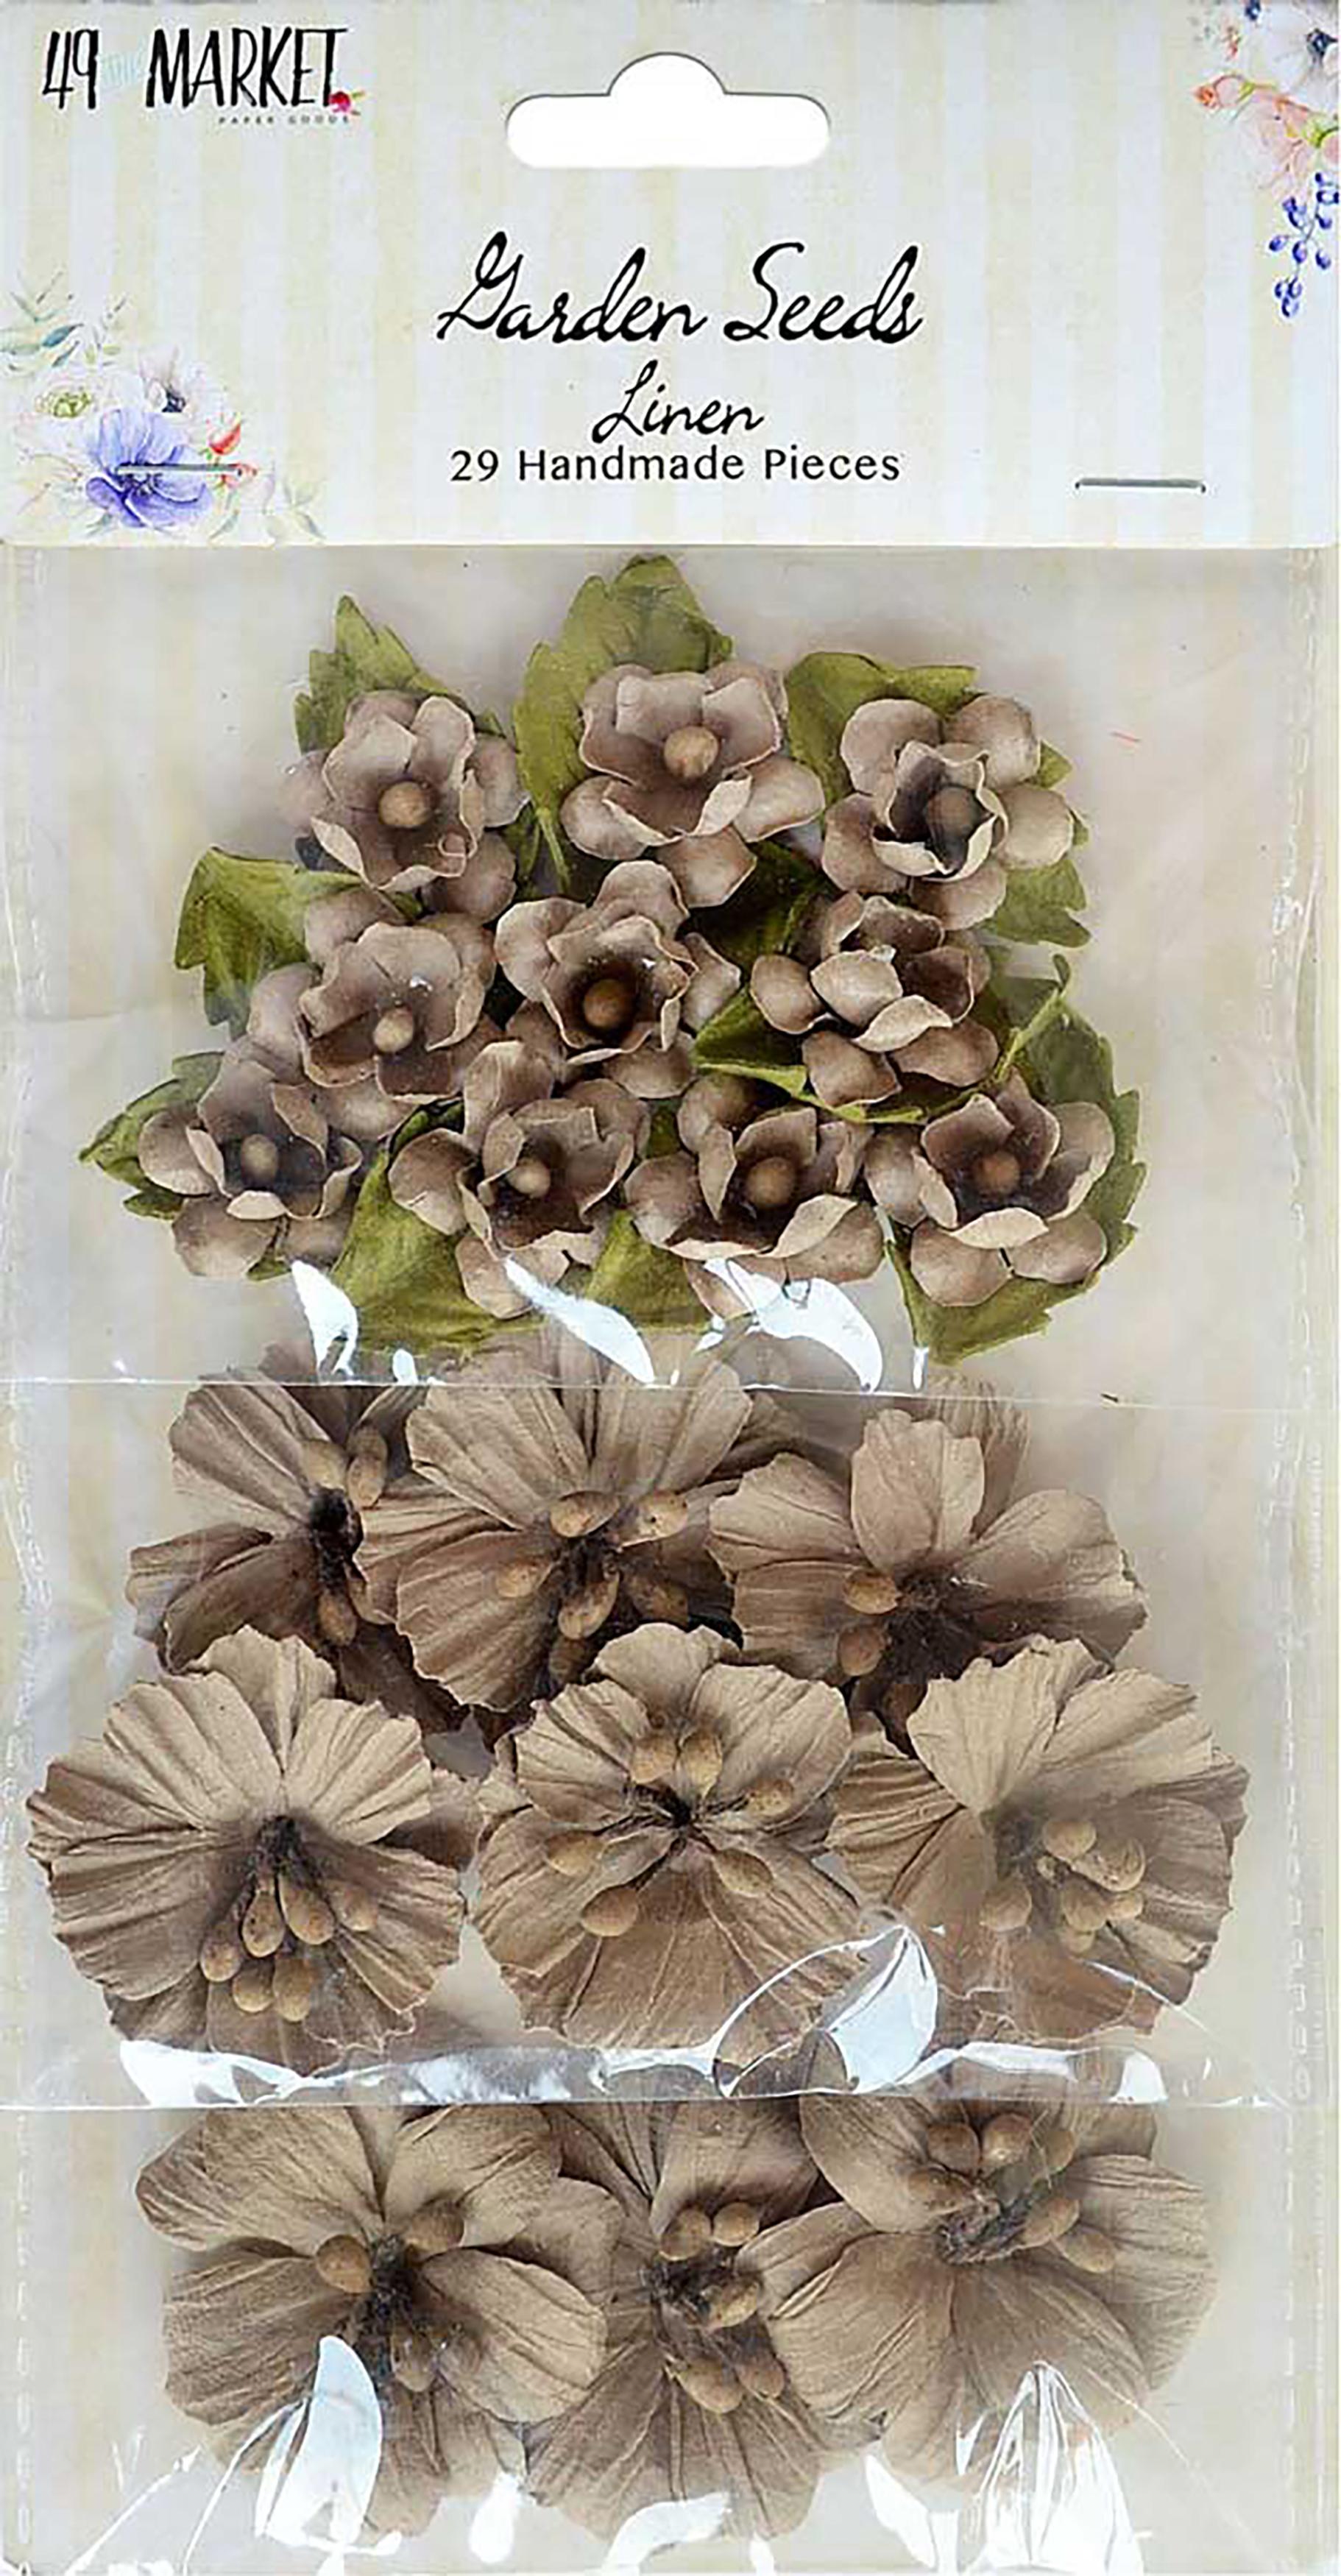 49 And Market Garden Seed Flowers 29/Pkg-Linen, .75 - 1.5